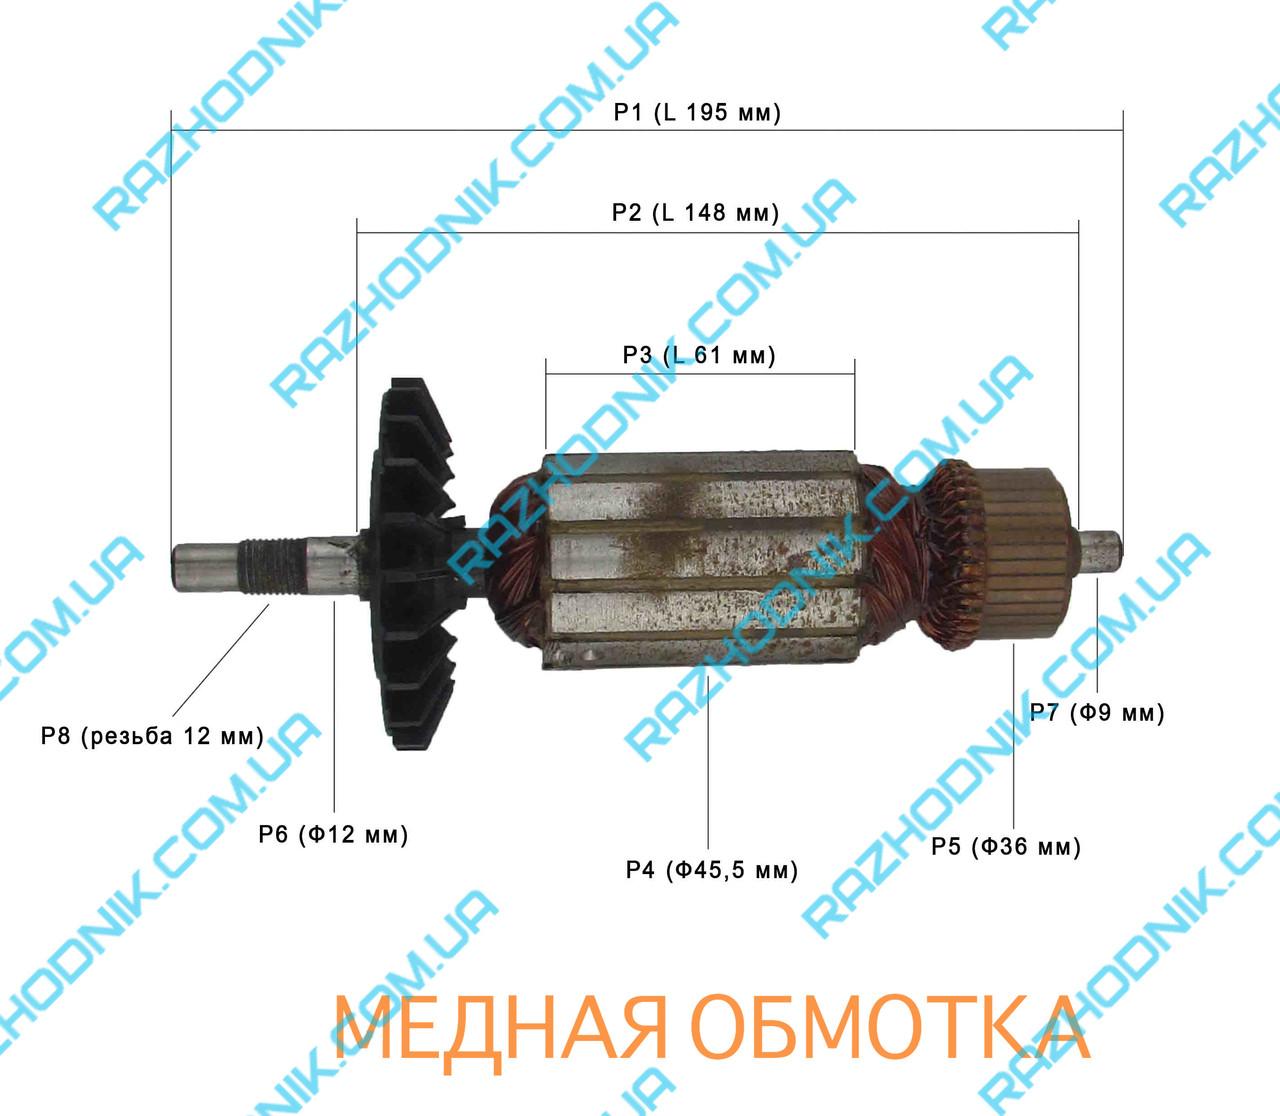 Якір на болгарку ІЖ 230 (СЕРЕДНЯ РІЗЬБА)